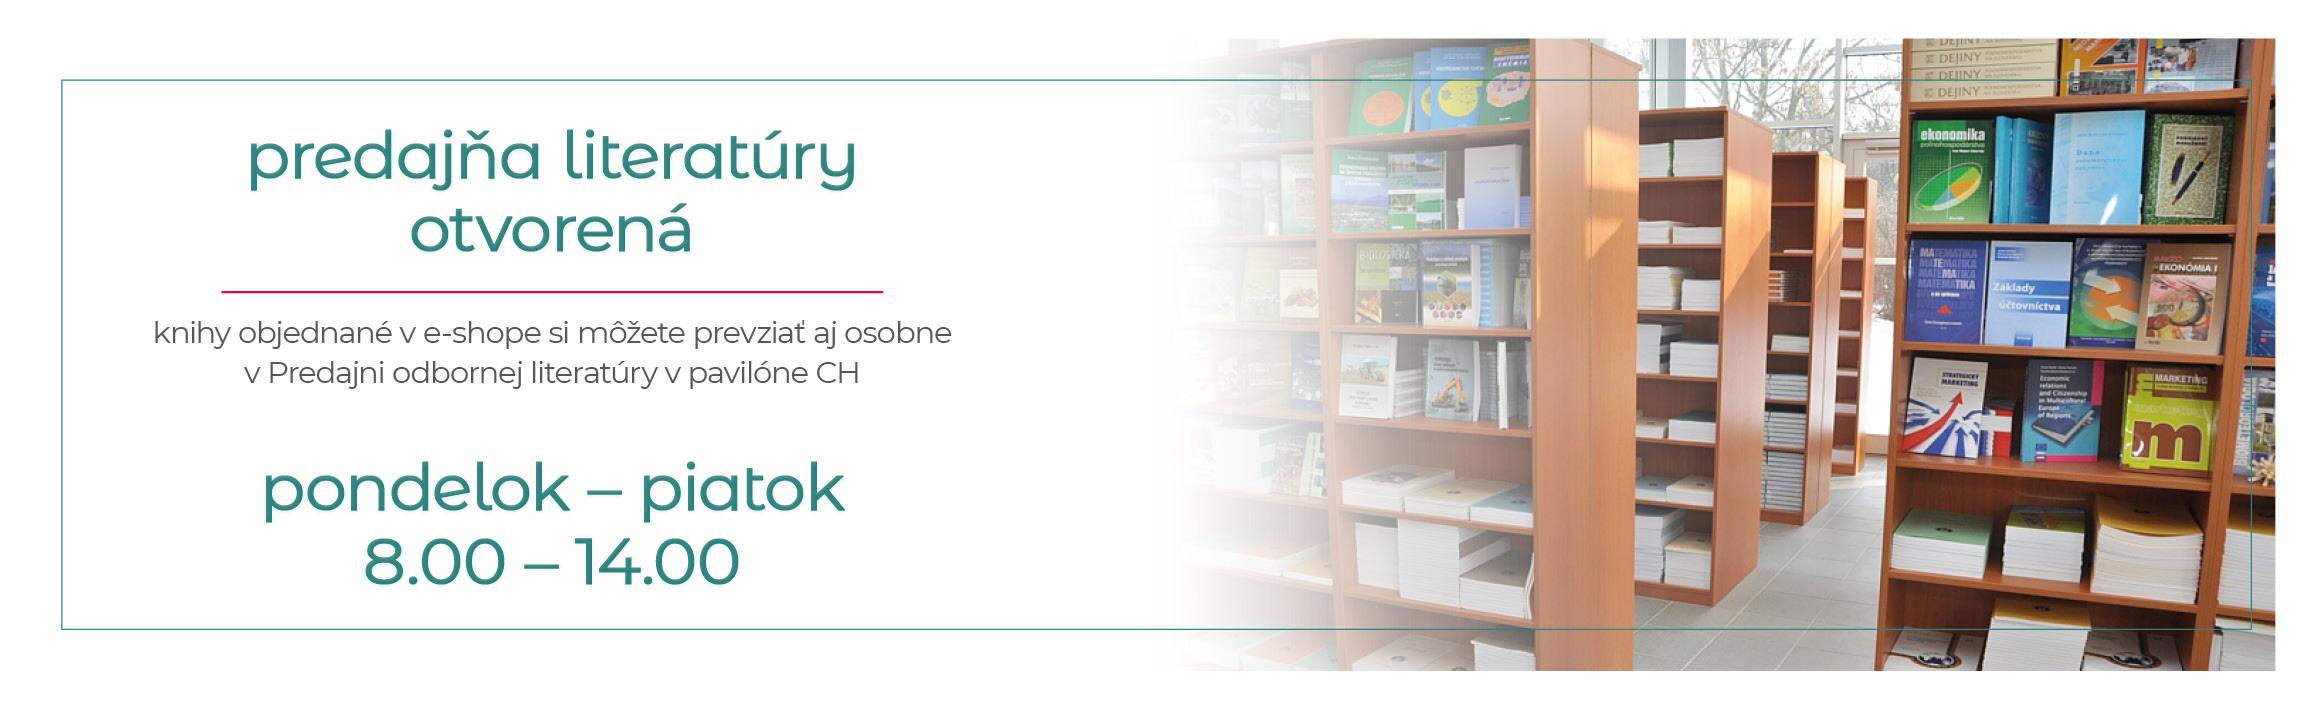 predajňa literatúry otvorená od pondelka do piatka v čase od ôsmej do štrnástej hodiny